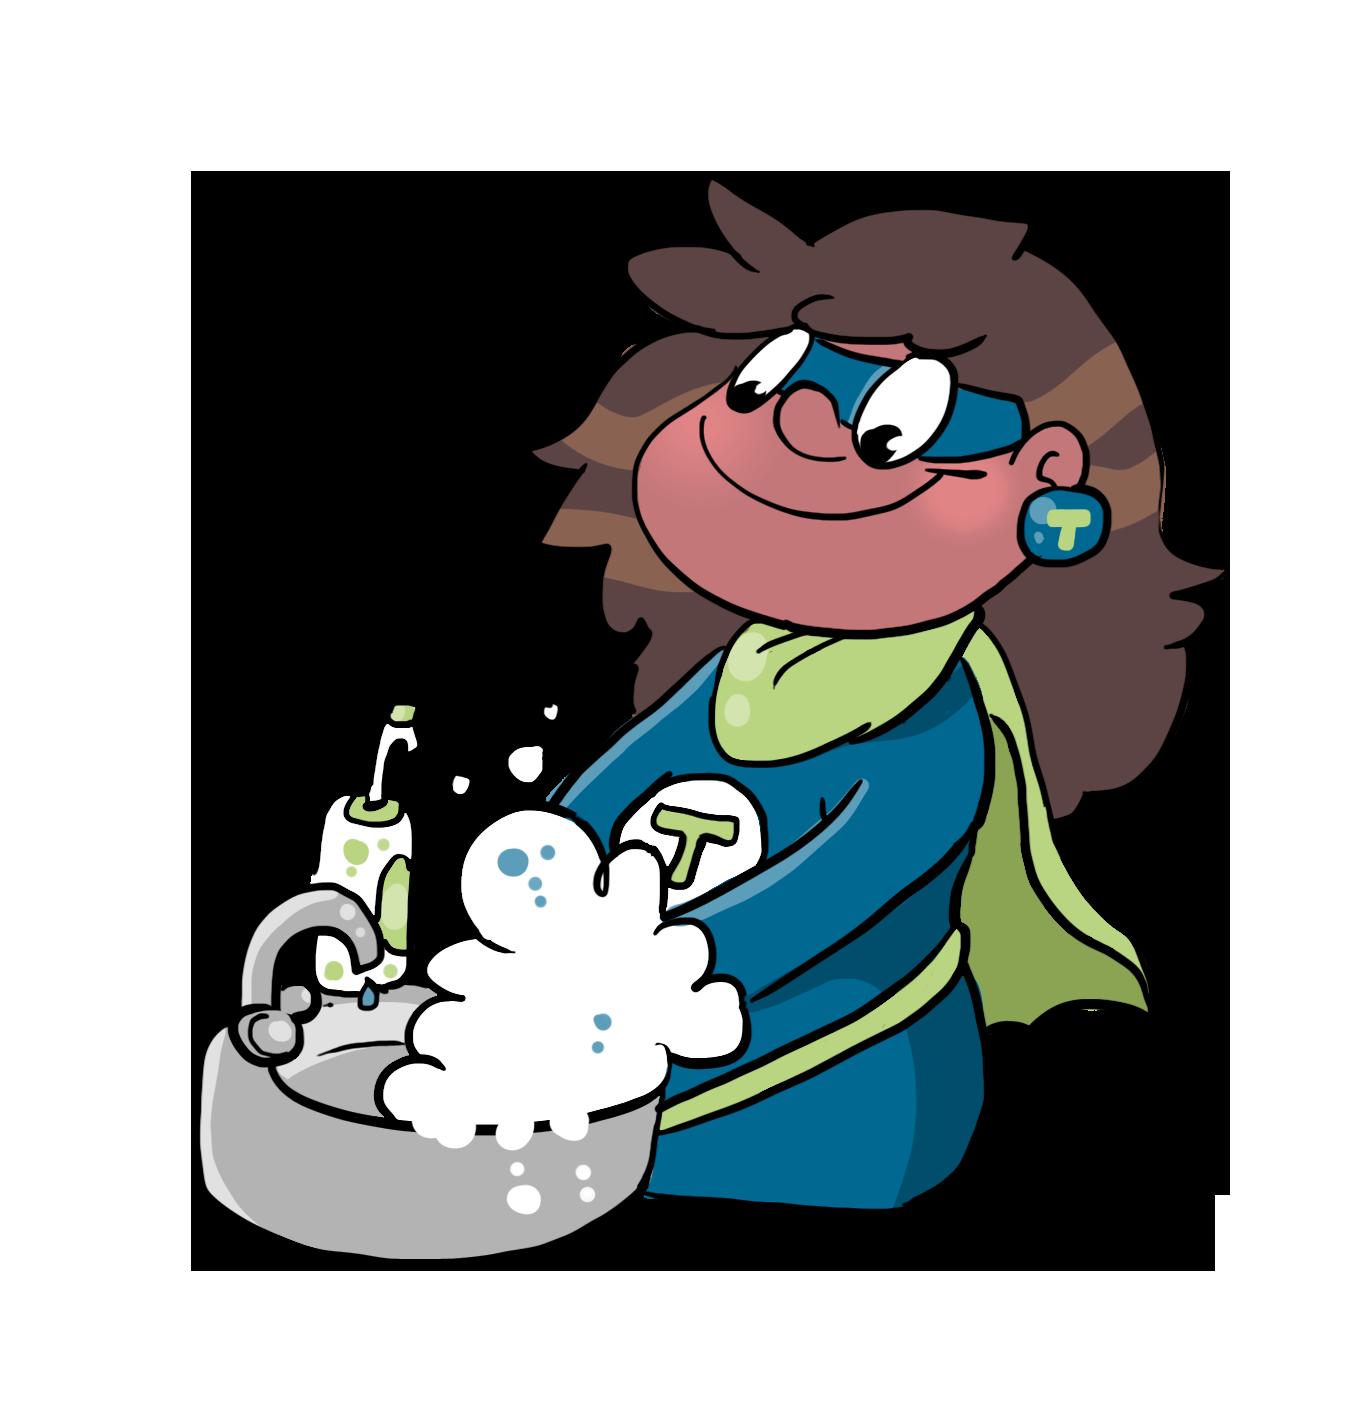 Teraske Sanitätshaus Comic Hände Waschen